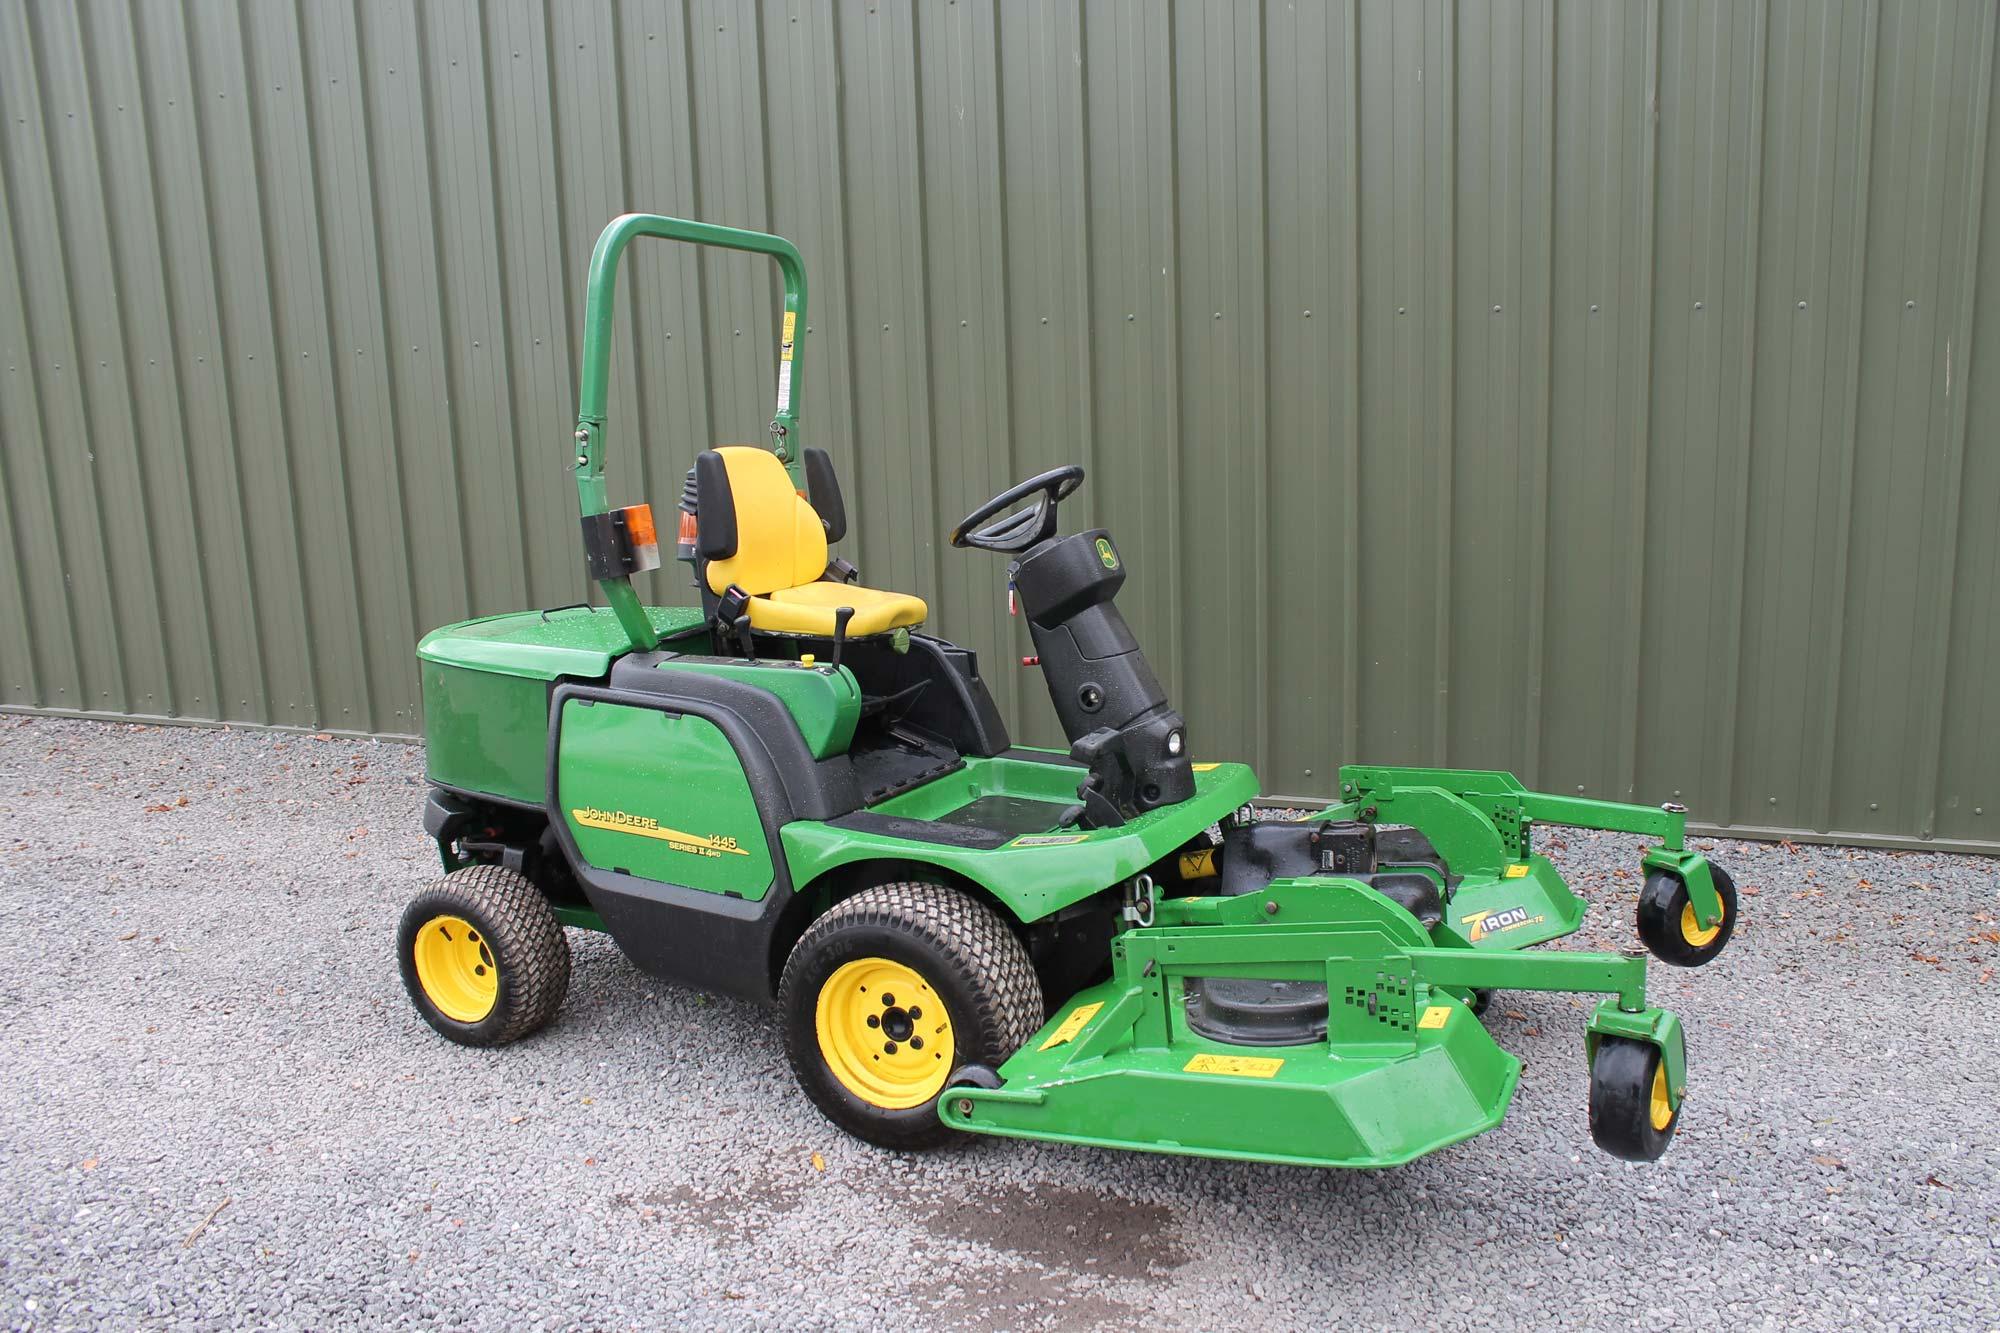 John Deere For Sale >> John Deere 1445 Rotary Mower For Sale Fineturf